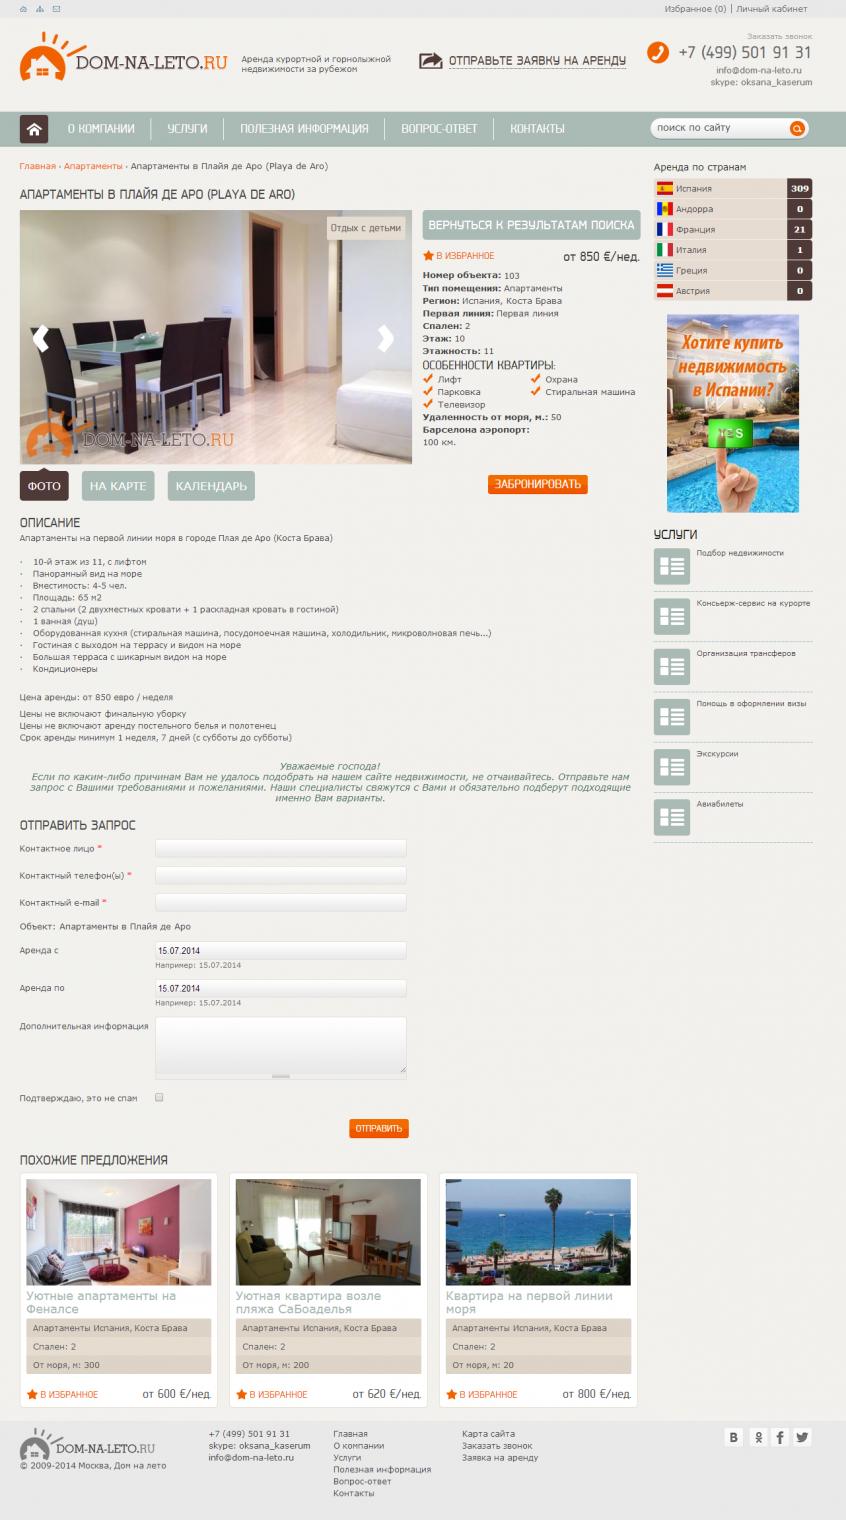 Сайты недвижимости за границей недвижимость за рубежом снять